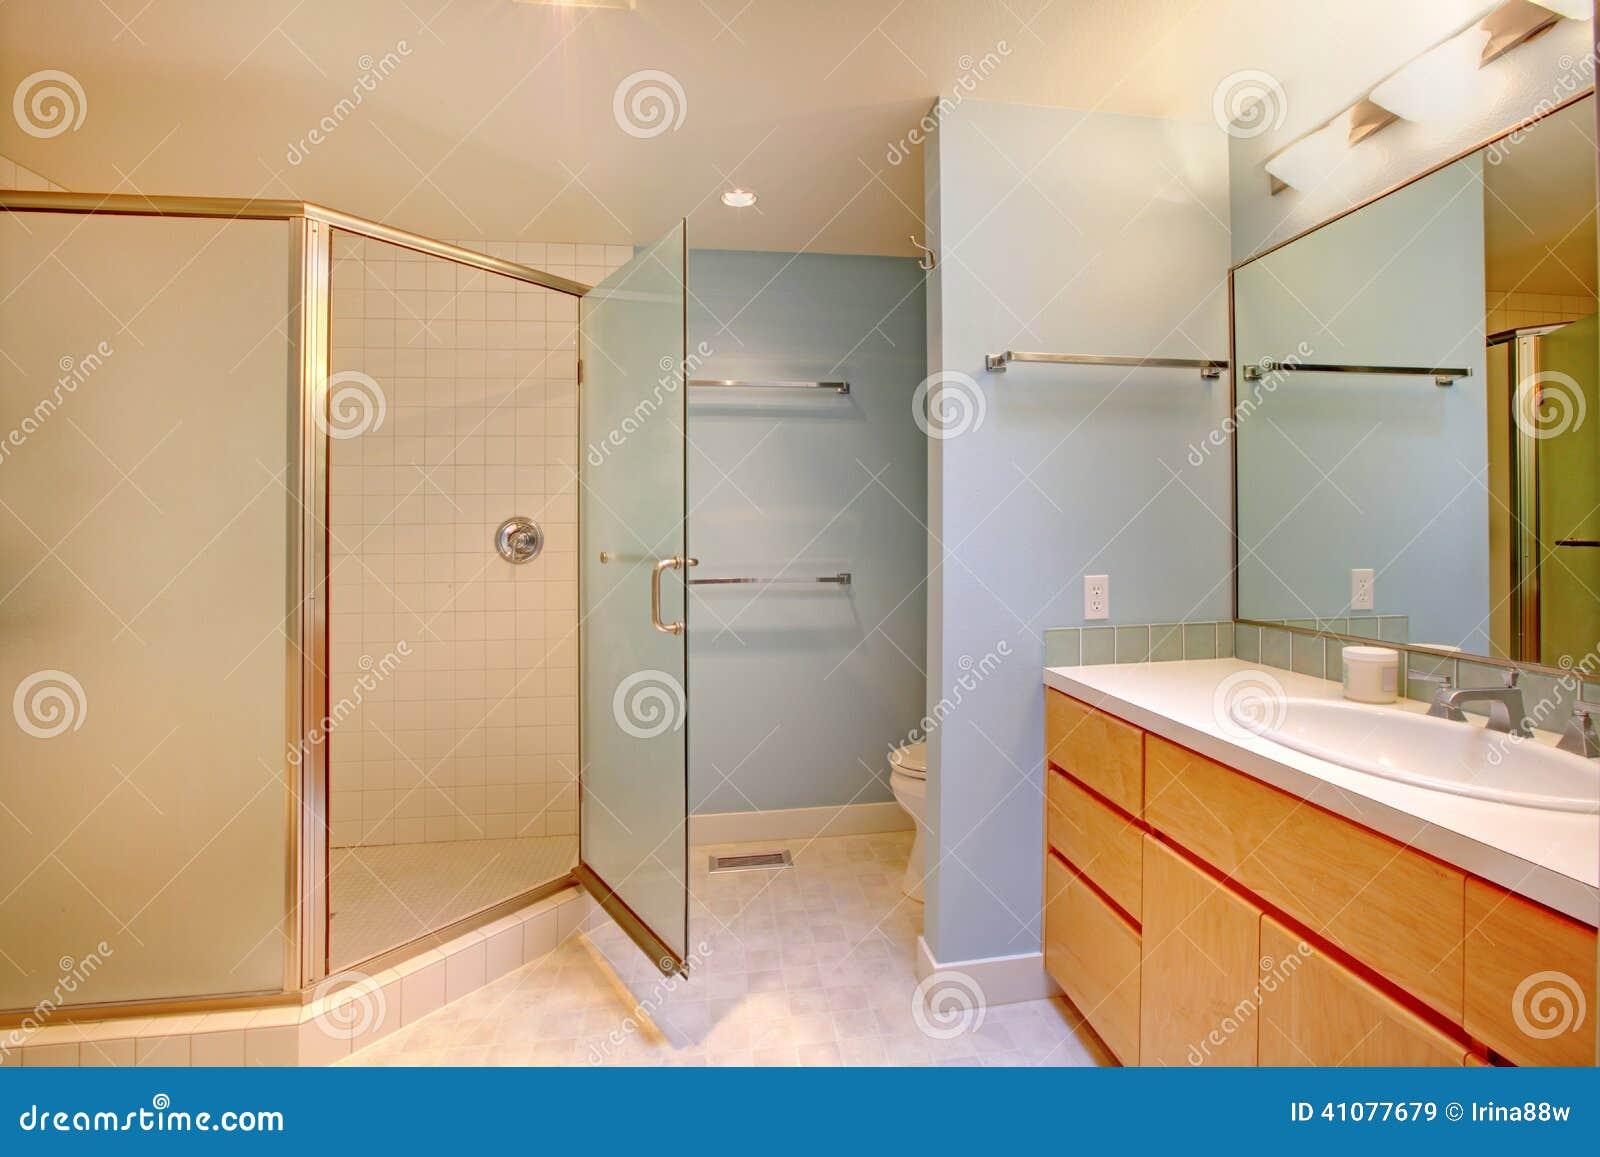 Cuartos De Baño Con Ducha Fotos:Cuarto De Baño Con La Ducha De Cristal De La Puerta Foto de archivo